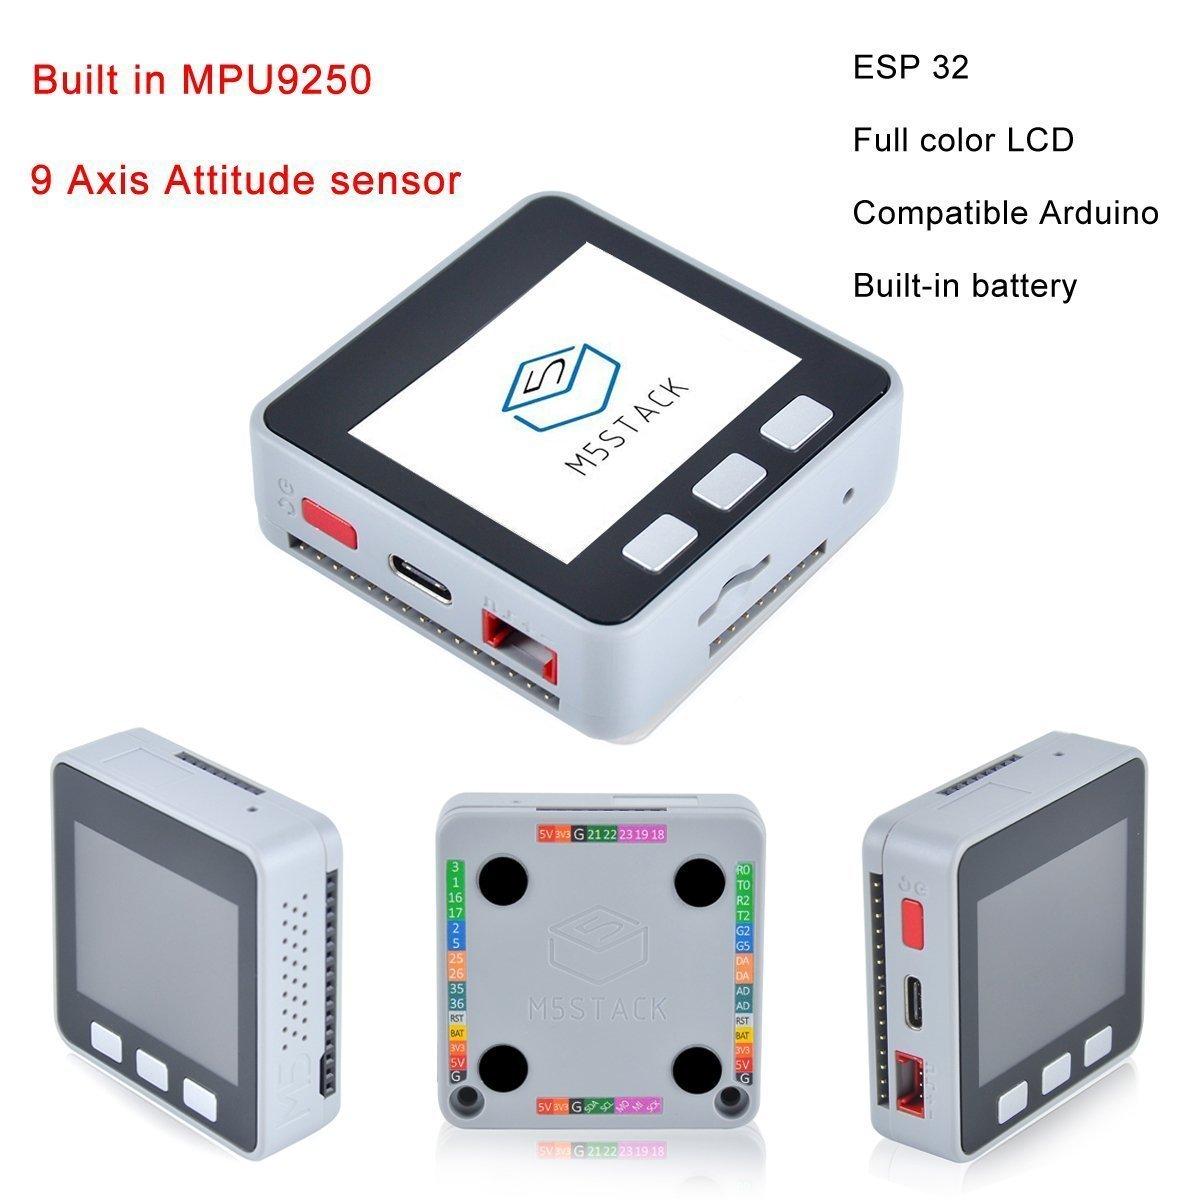 WINGONEER M5Stack ESP32 Kit de placa de desarrollo Wifi Bluetooth expandible Compatible con MPU9250 incorporado con Ardu